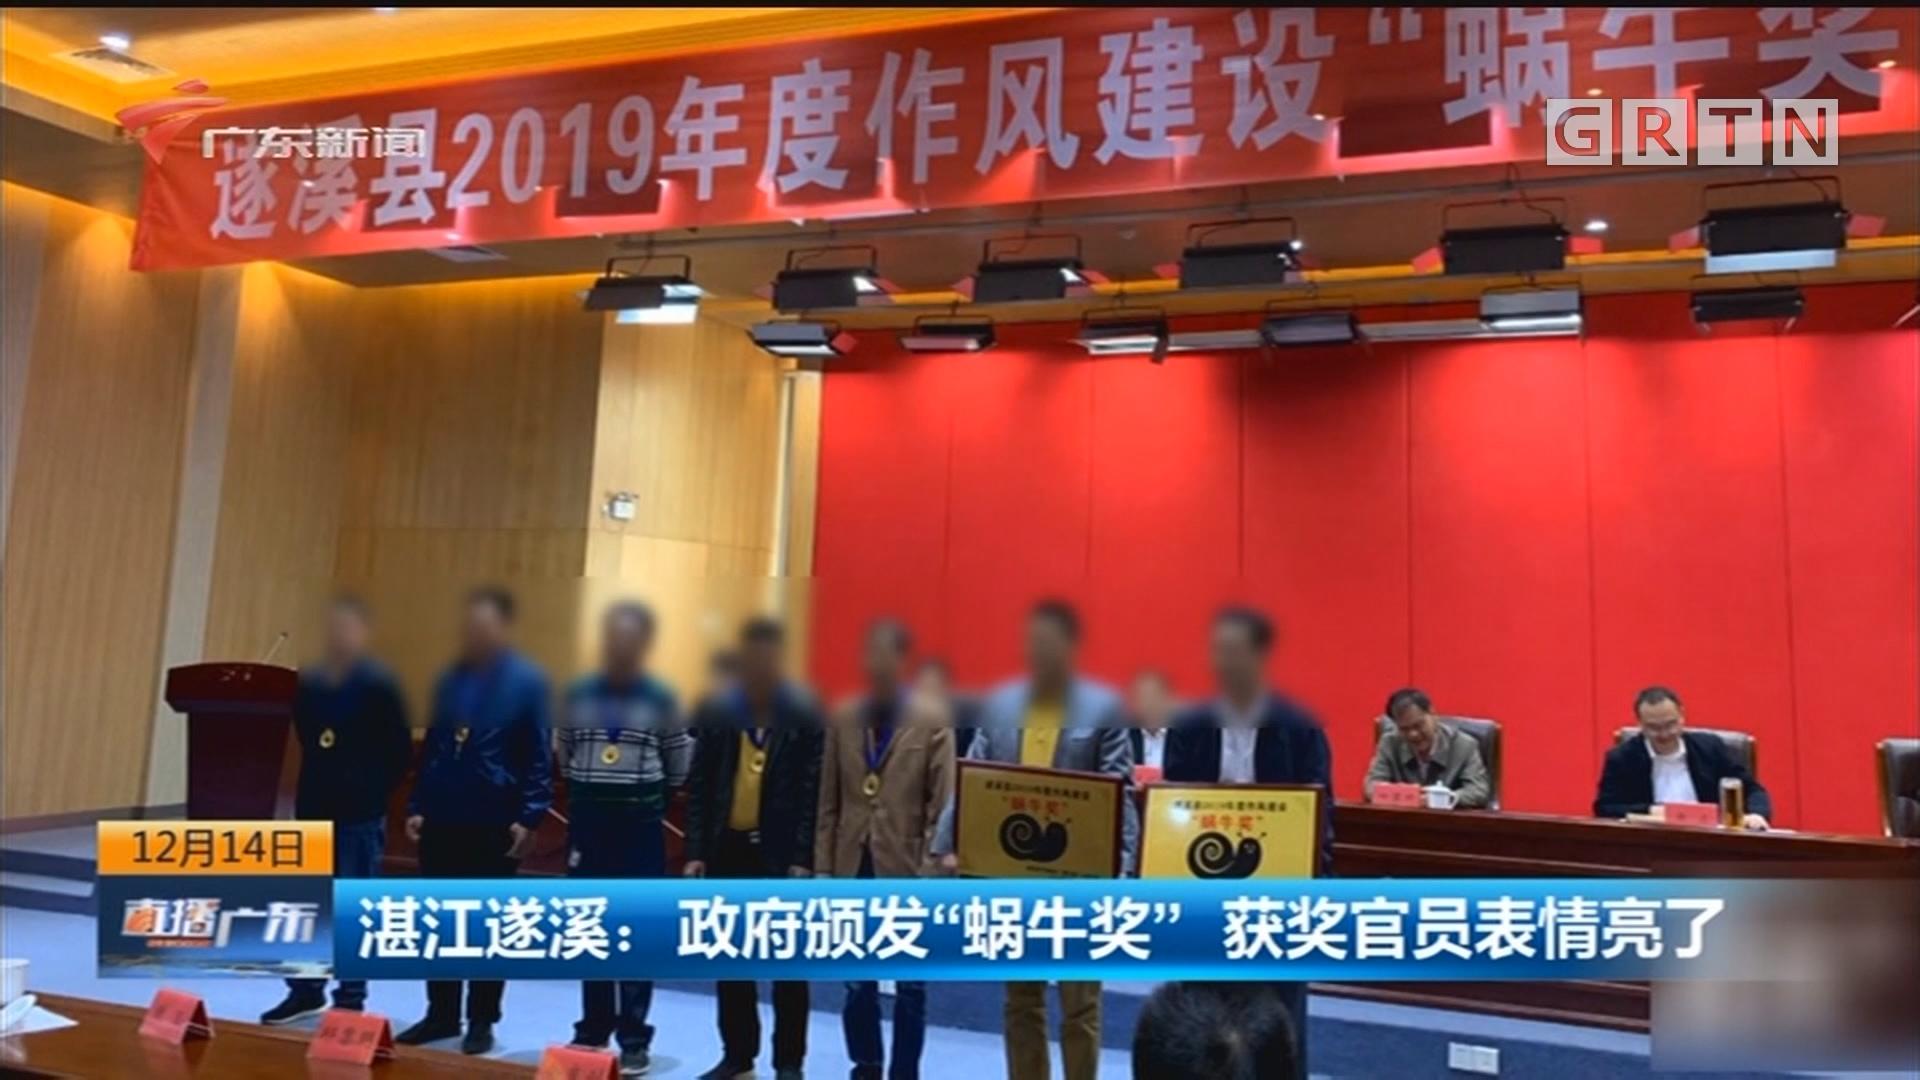 """湛江遂溪:政府颁发""""蜗牛奖"""" 获奖官员表情亮了"""